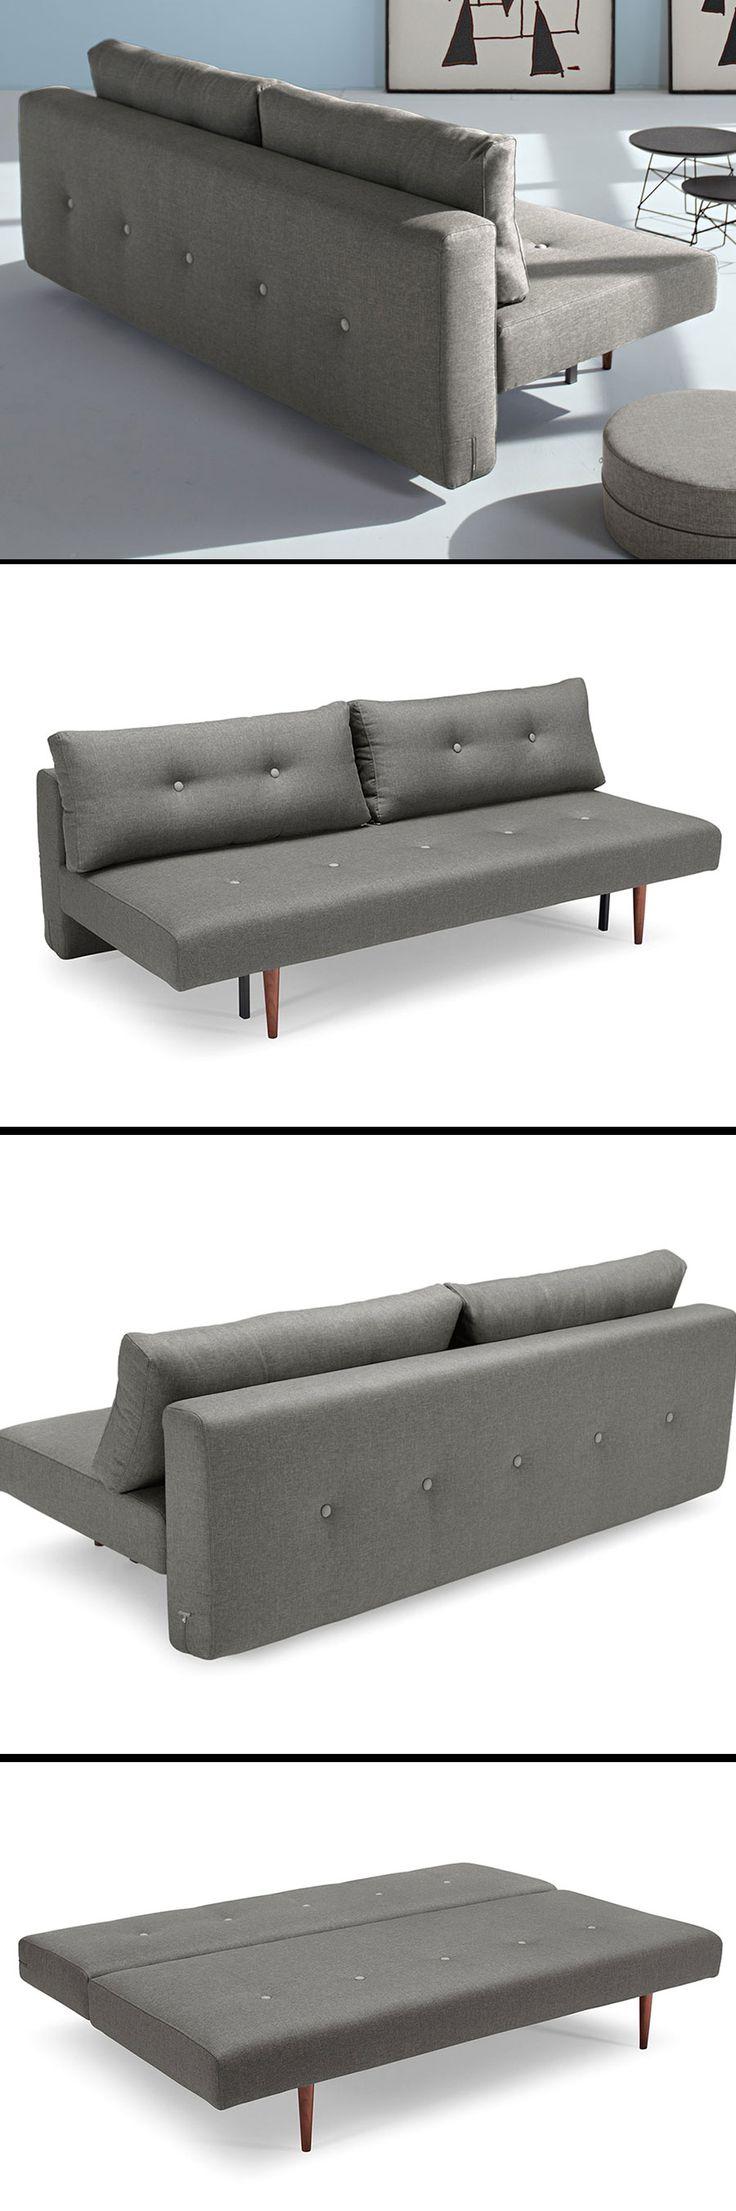 Ein stylisches Schlafsofa, das sich ganz leicht auf eine Liegefläche von 140x200cm ausklappen lässt. | Betten.de #schlafsofa #design #style http://www.betten.de/querschlaefer-schlafsofa-retrostil-grau-barnes.html